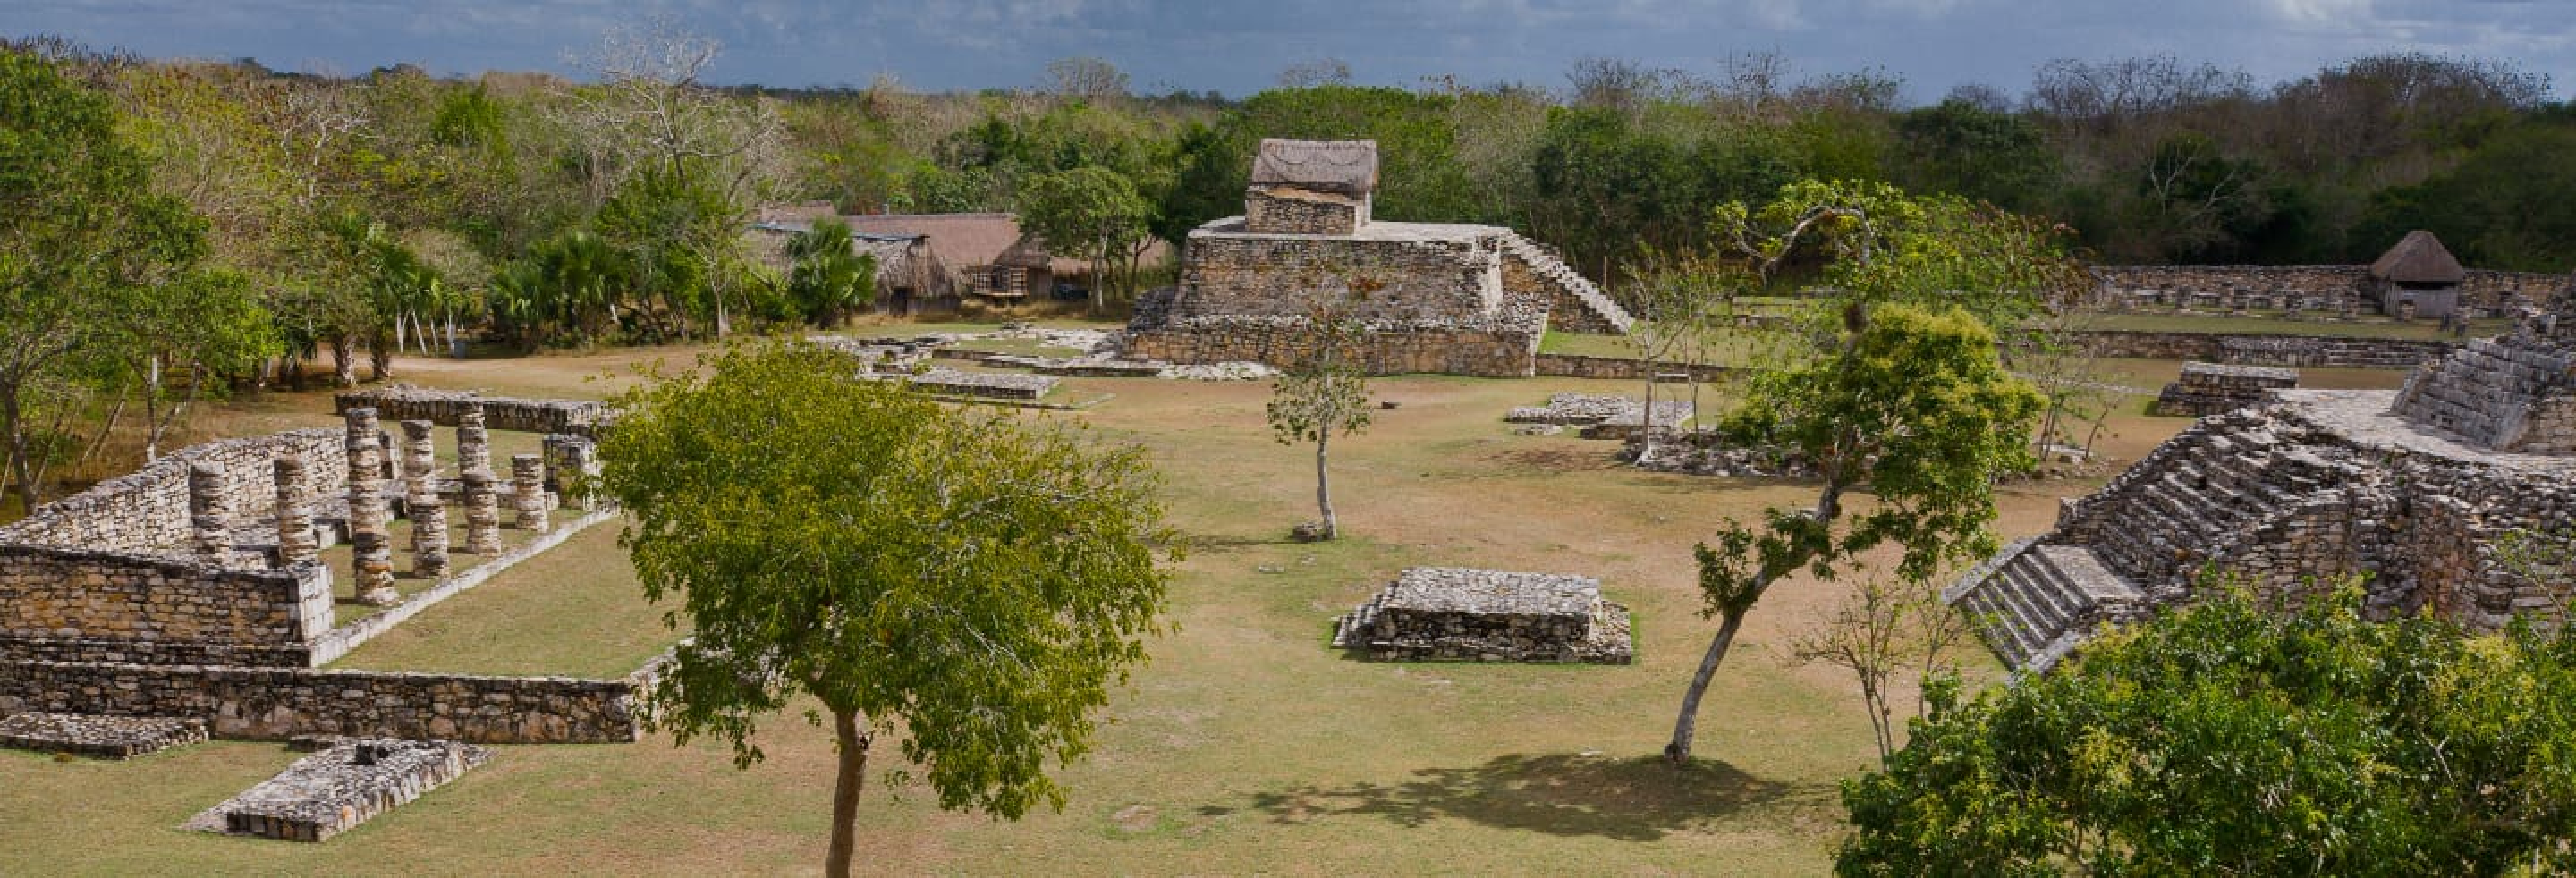 Excursión a Mayapán y cenote sagrado